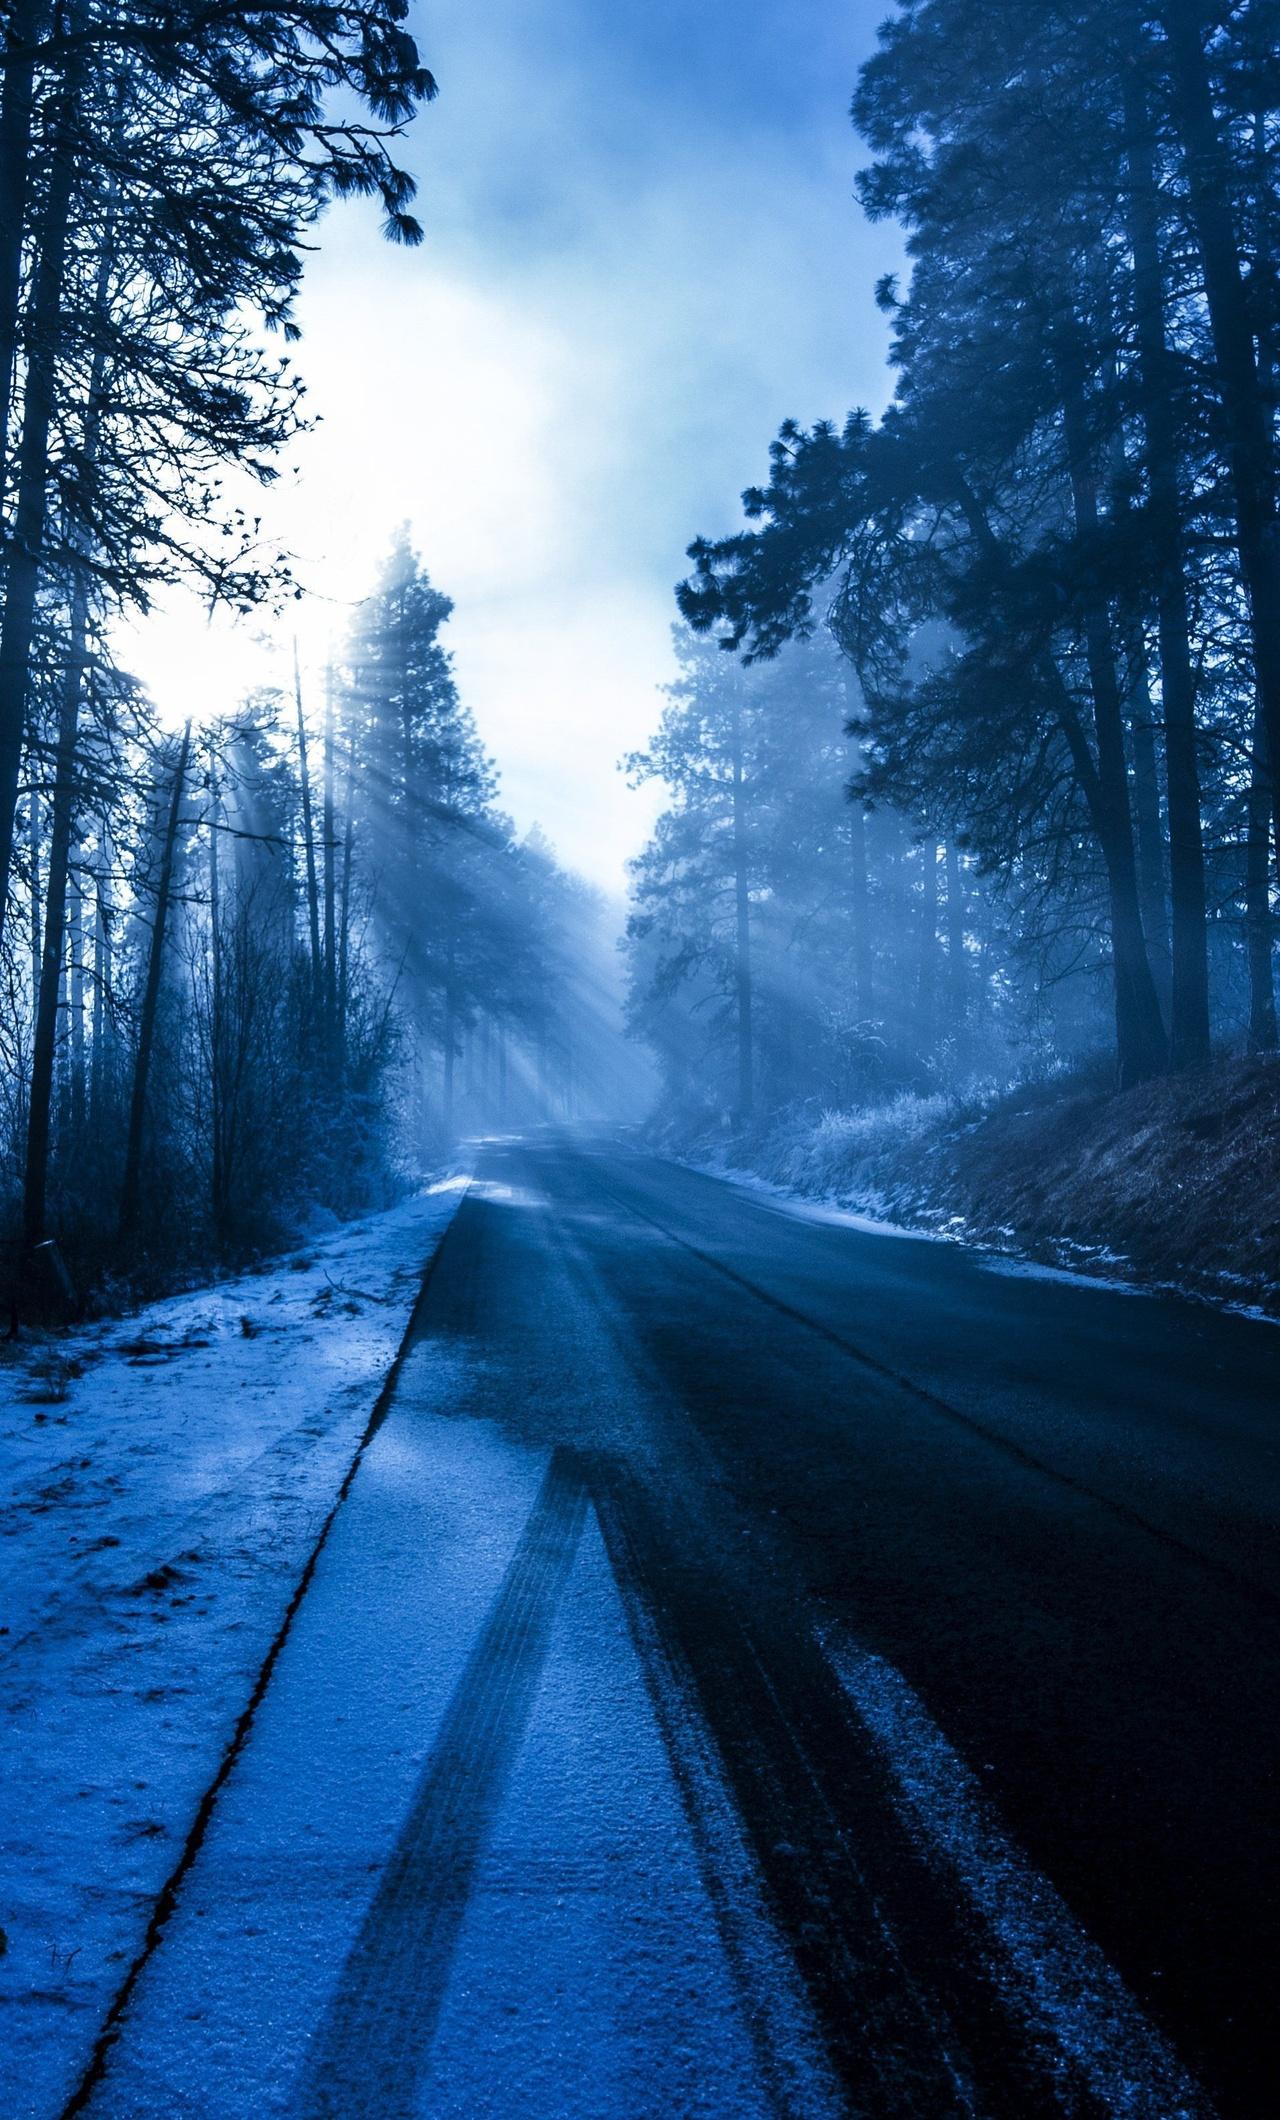 forest-snowy-dark-evening-5k-28.jpg